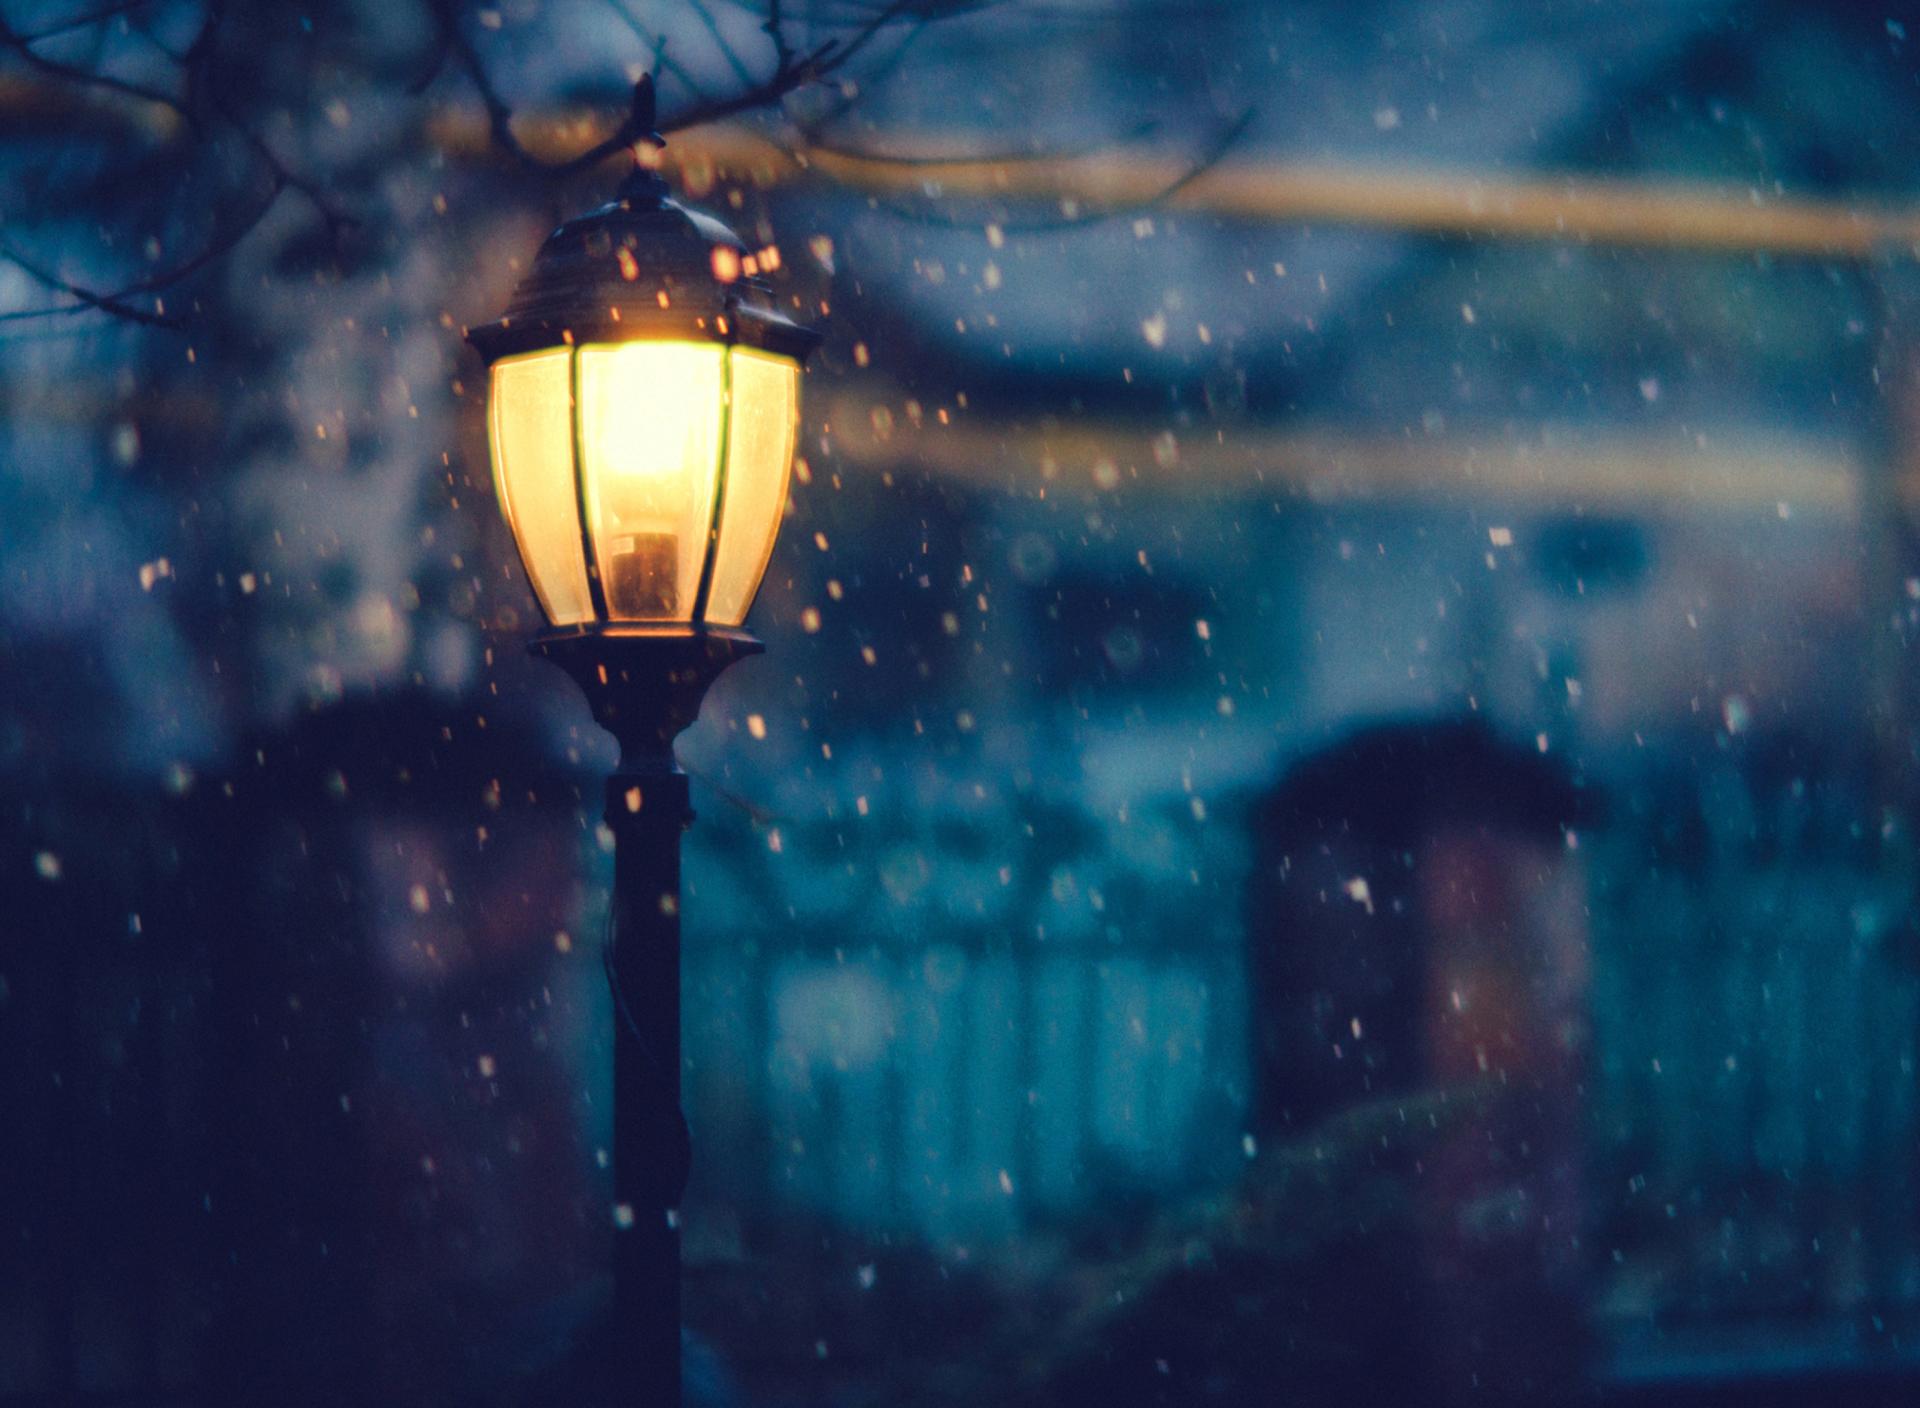 чего началась картинки зима луна фонари отличии последних